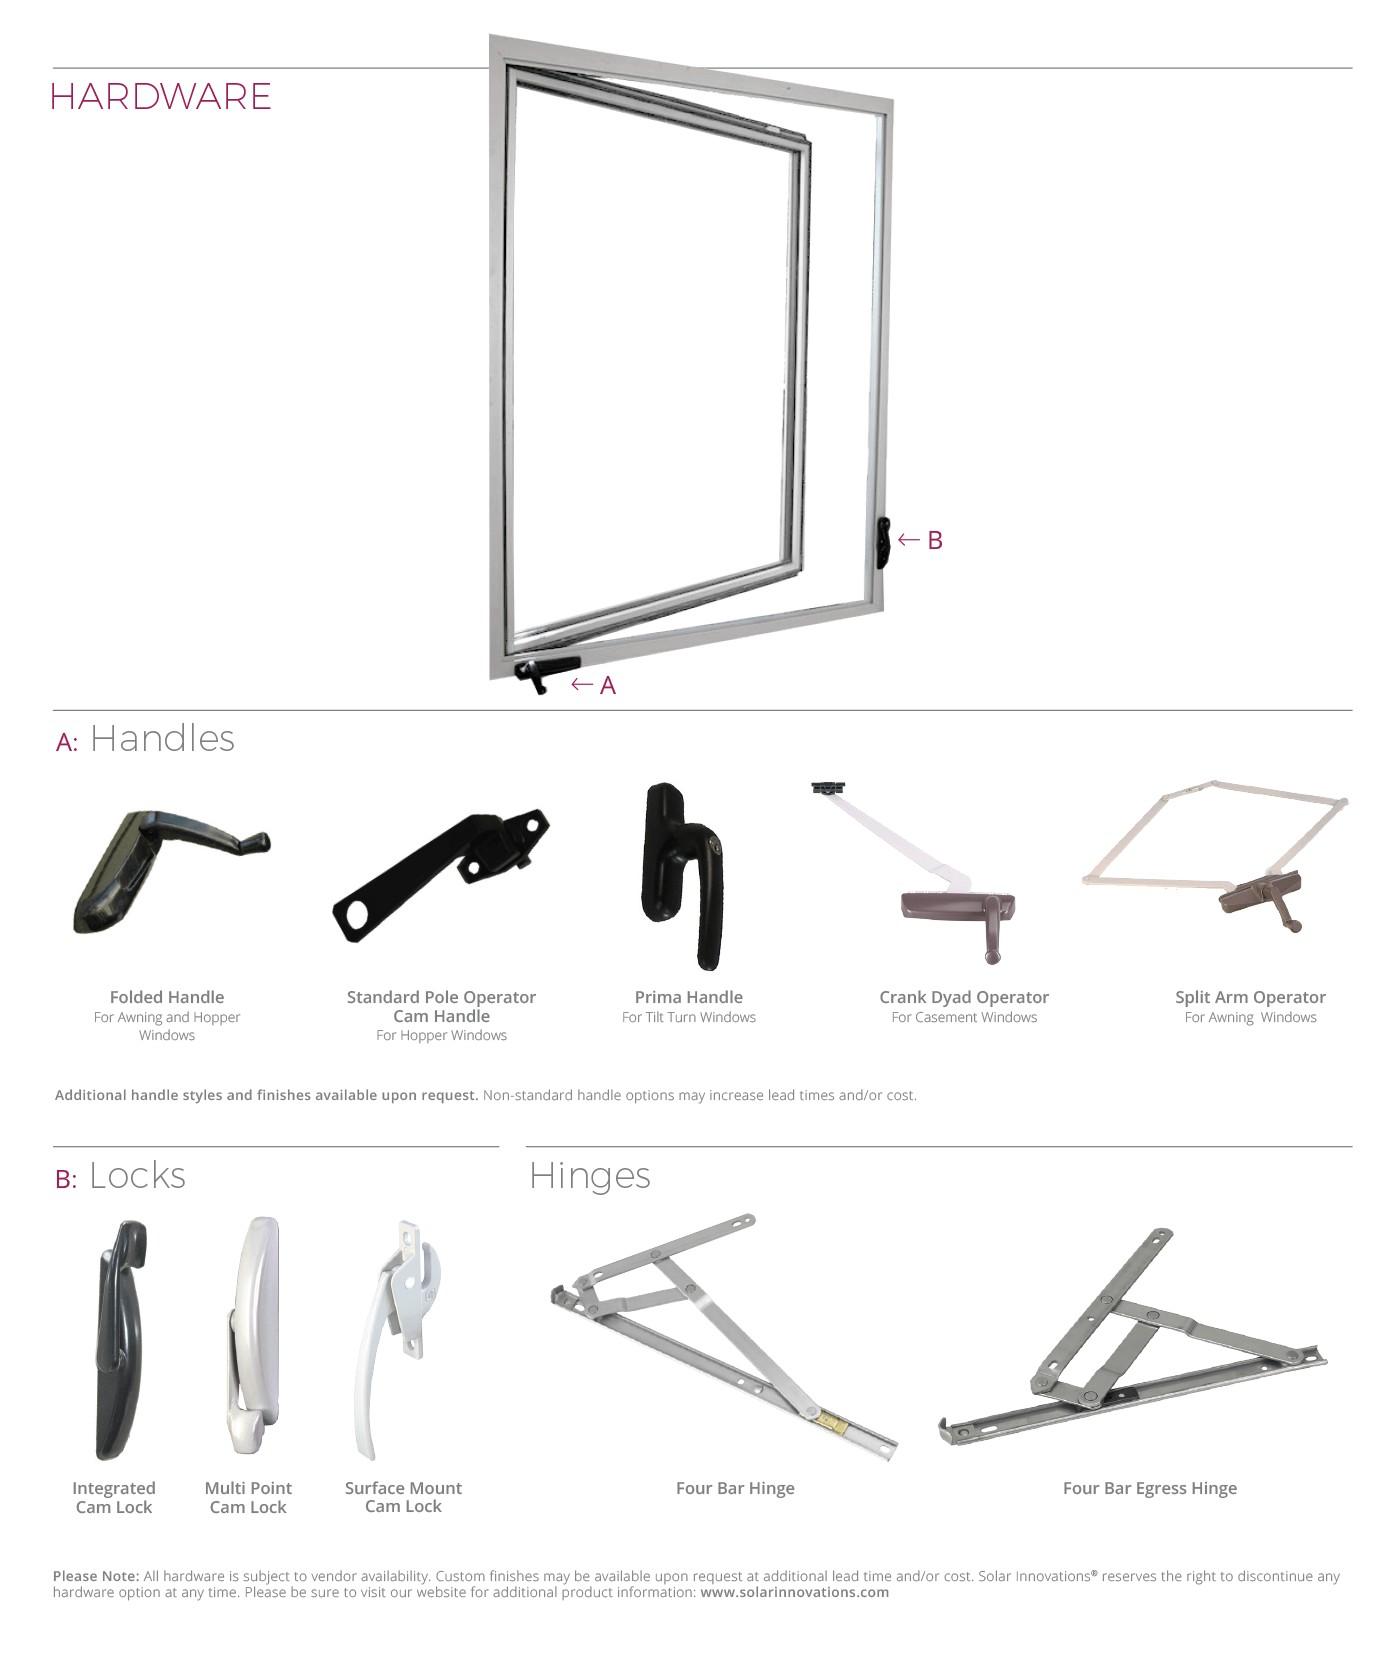 Casement Window Parts Diagram Casement Windows solar Innovations solar Innovations Of Casement Window Parts Diagram